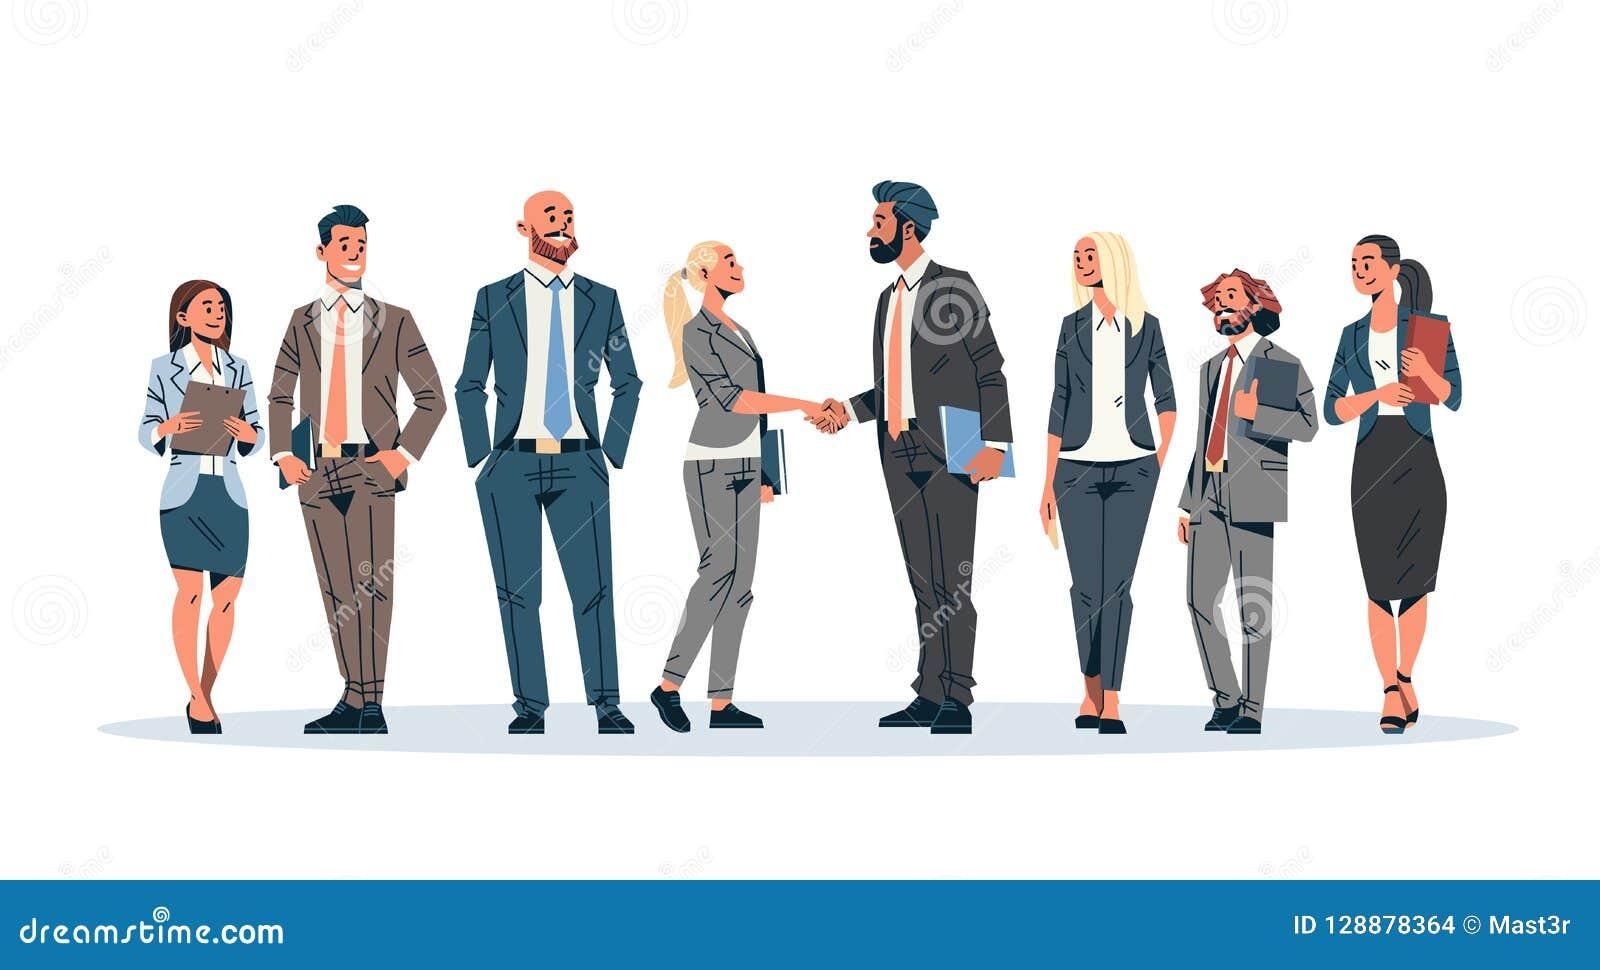 Επικοινωνούσα συνεδρίαση των αρχηγών ομάδας γυναικών επιχειρηματιών έννοιας συμφωνίας κουνημάτων χεριών ομάδας επιχειρηματιών άνδ